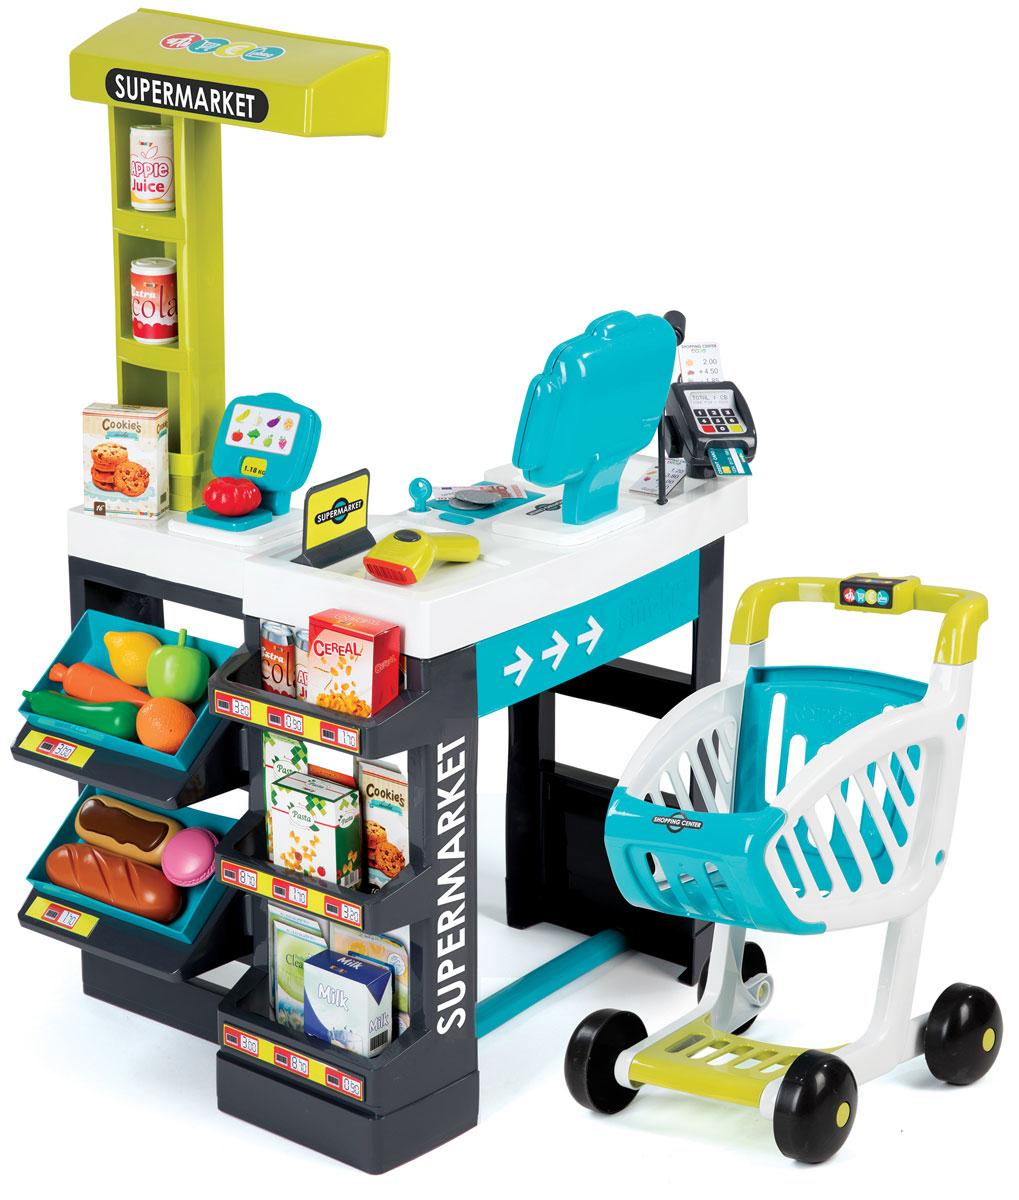 Smoby Игровой набор Супермаркет350206Игровой набор Smoby Супермаркет даст возможность ребенку научиться правильно действовать в магазине, самостоятельно осуществлять покупки, контролировать деньги и правильно вести наличный денежный расчет, оплачивать покупки банковской карточкой. Касса в этом наборе - электронная, со звуковыми эффектами. Сам супермаркет состоит из магазинной стойки, продуктовой тележки на колесиках и разных аксессуаров. Стойка оснащена множеством полок, на которых маленький продавец сможет разместить игрушечный продукты и другой товар. На стойке также имеется специальное отделение, куда ребенок сможет сложить игрушечные деньги. В набор входят прилавок супермаркета, касса, муляжи продуктов для продажи, деньги для покупок (бумажные и мелочь), банковская карта, аксессуары и тележка. Продуктовая тележка оснащена широкими колесами и удобной ручкой. В нее можно сложить покупки или использовать для хранения маленьких игрушек. Приглашайте друзей, выдавайте им игрушечные деньги и начинайте...